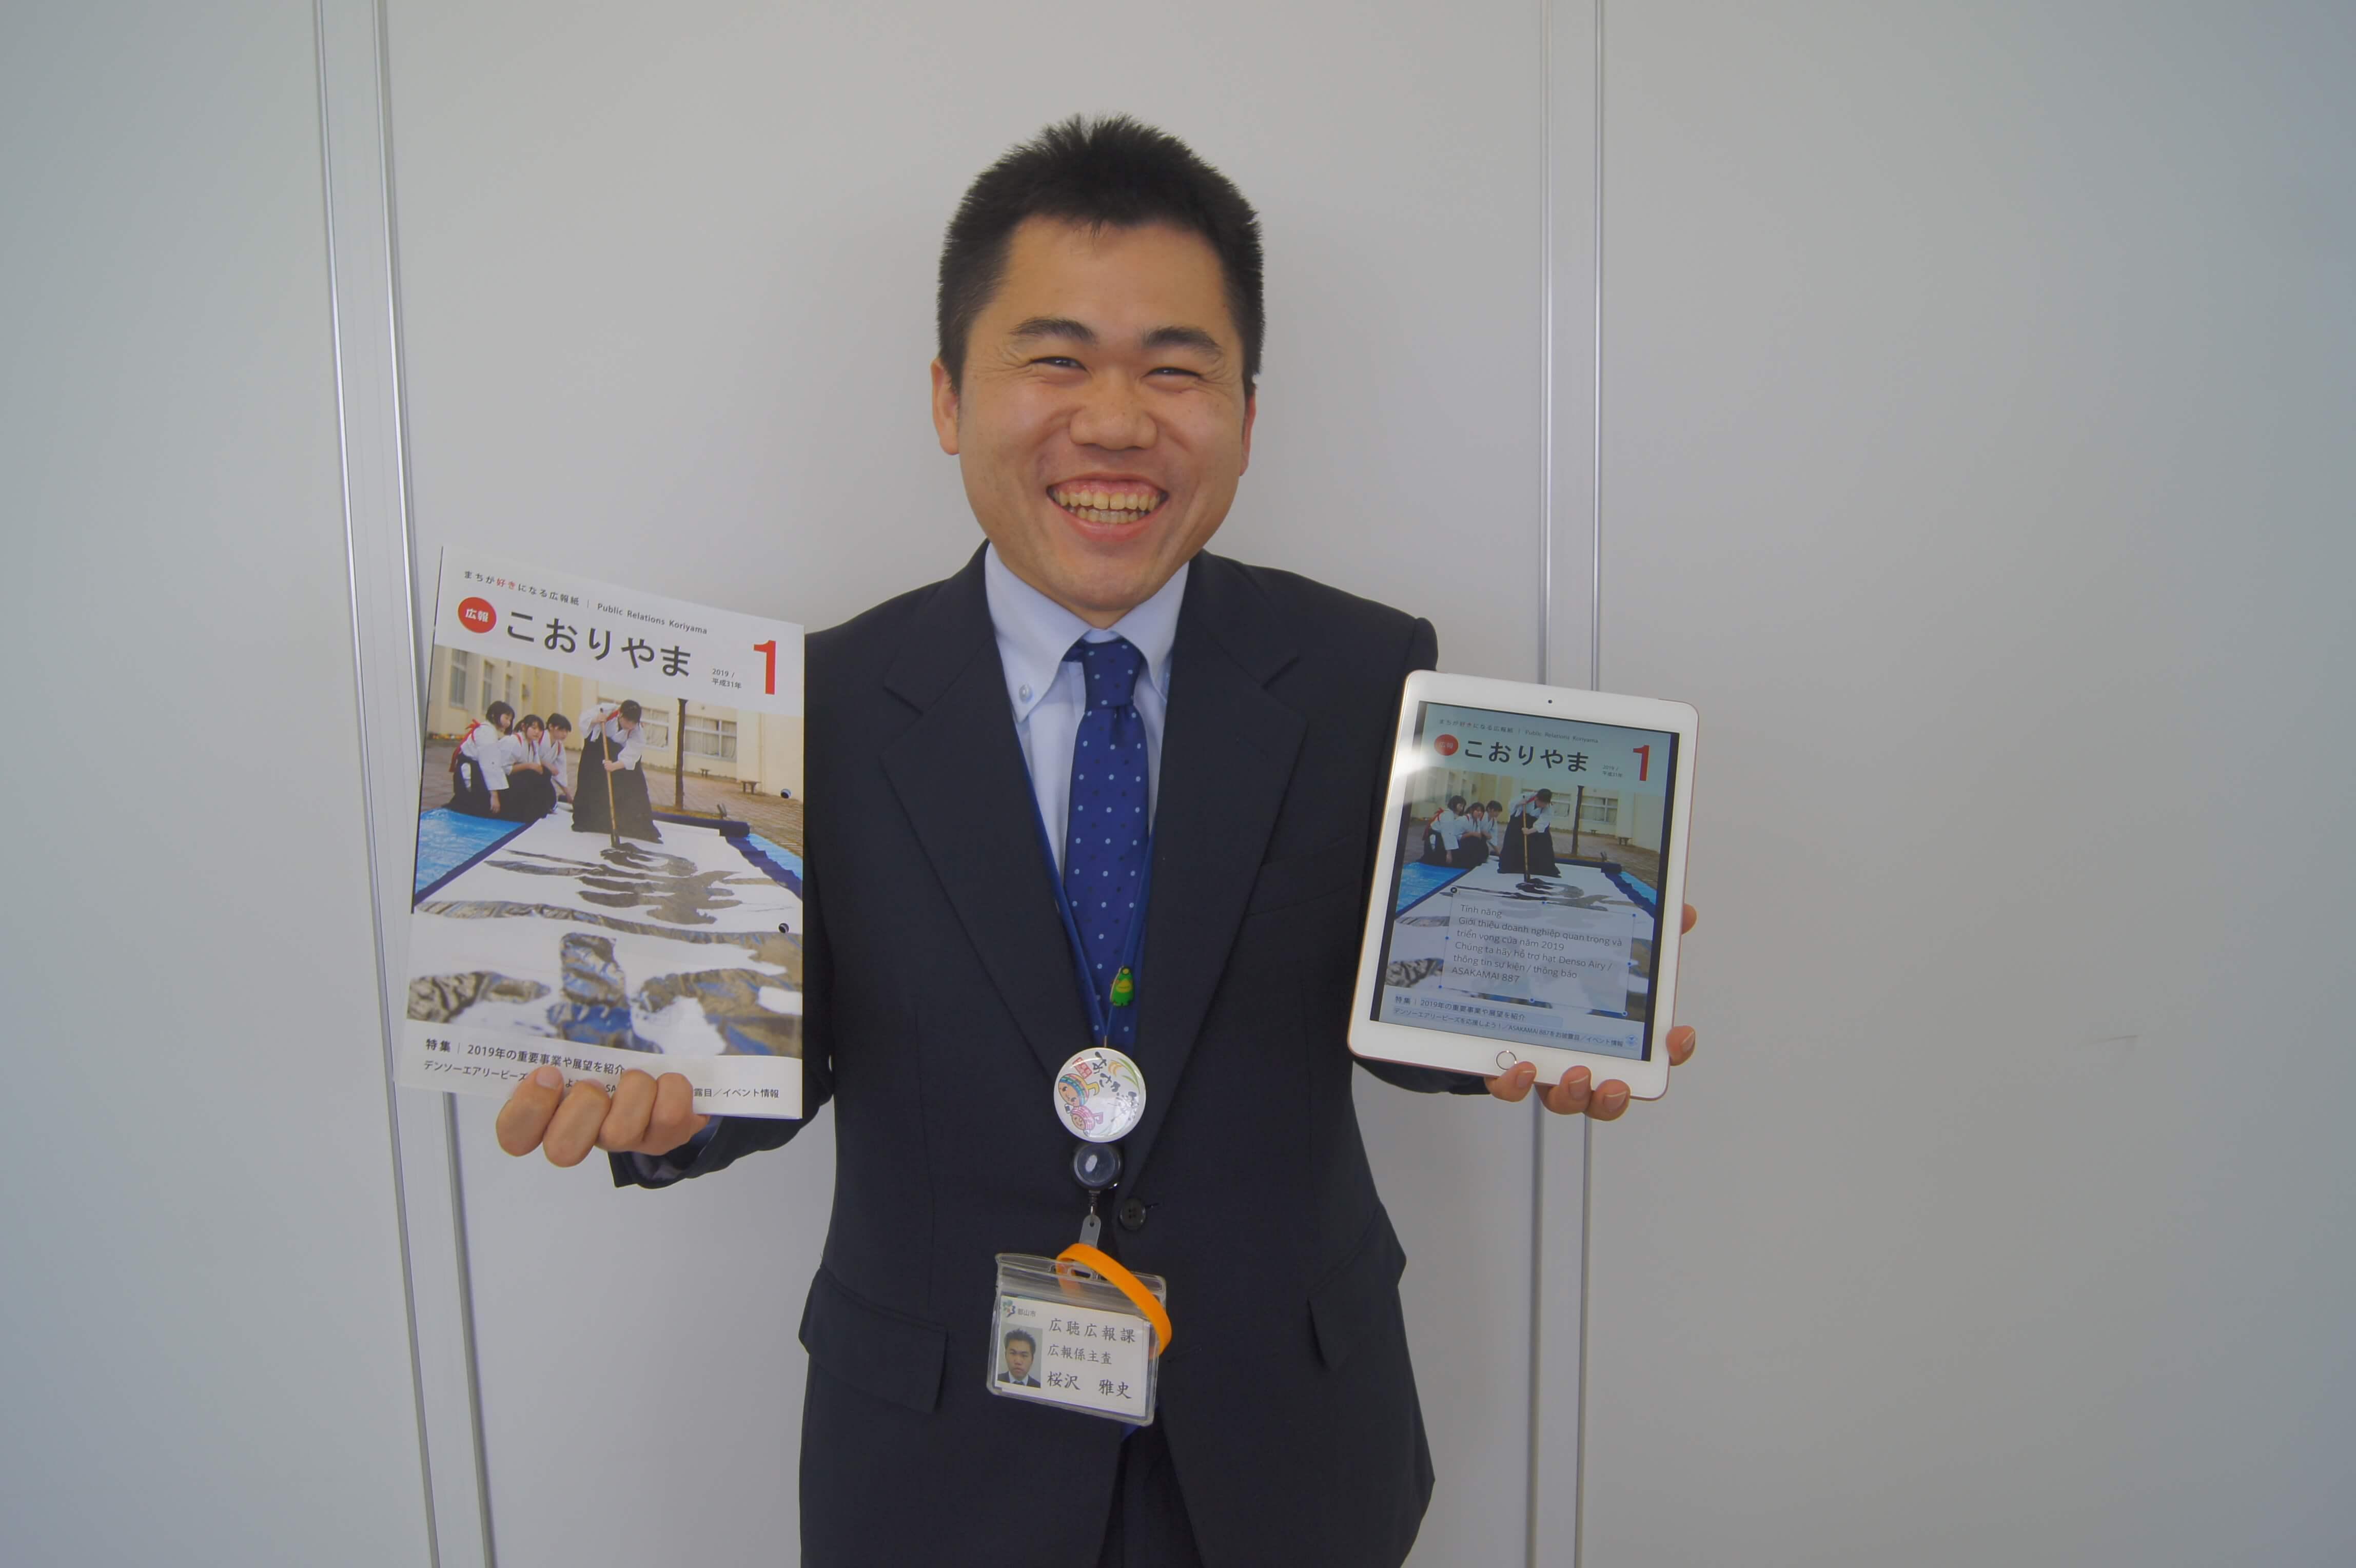 広報誌を手に取り説明する福島県郡山市の広報担当者